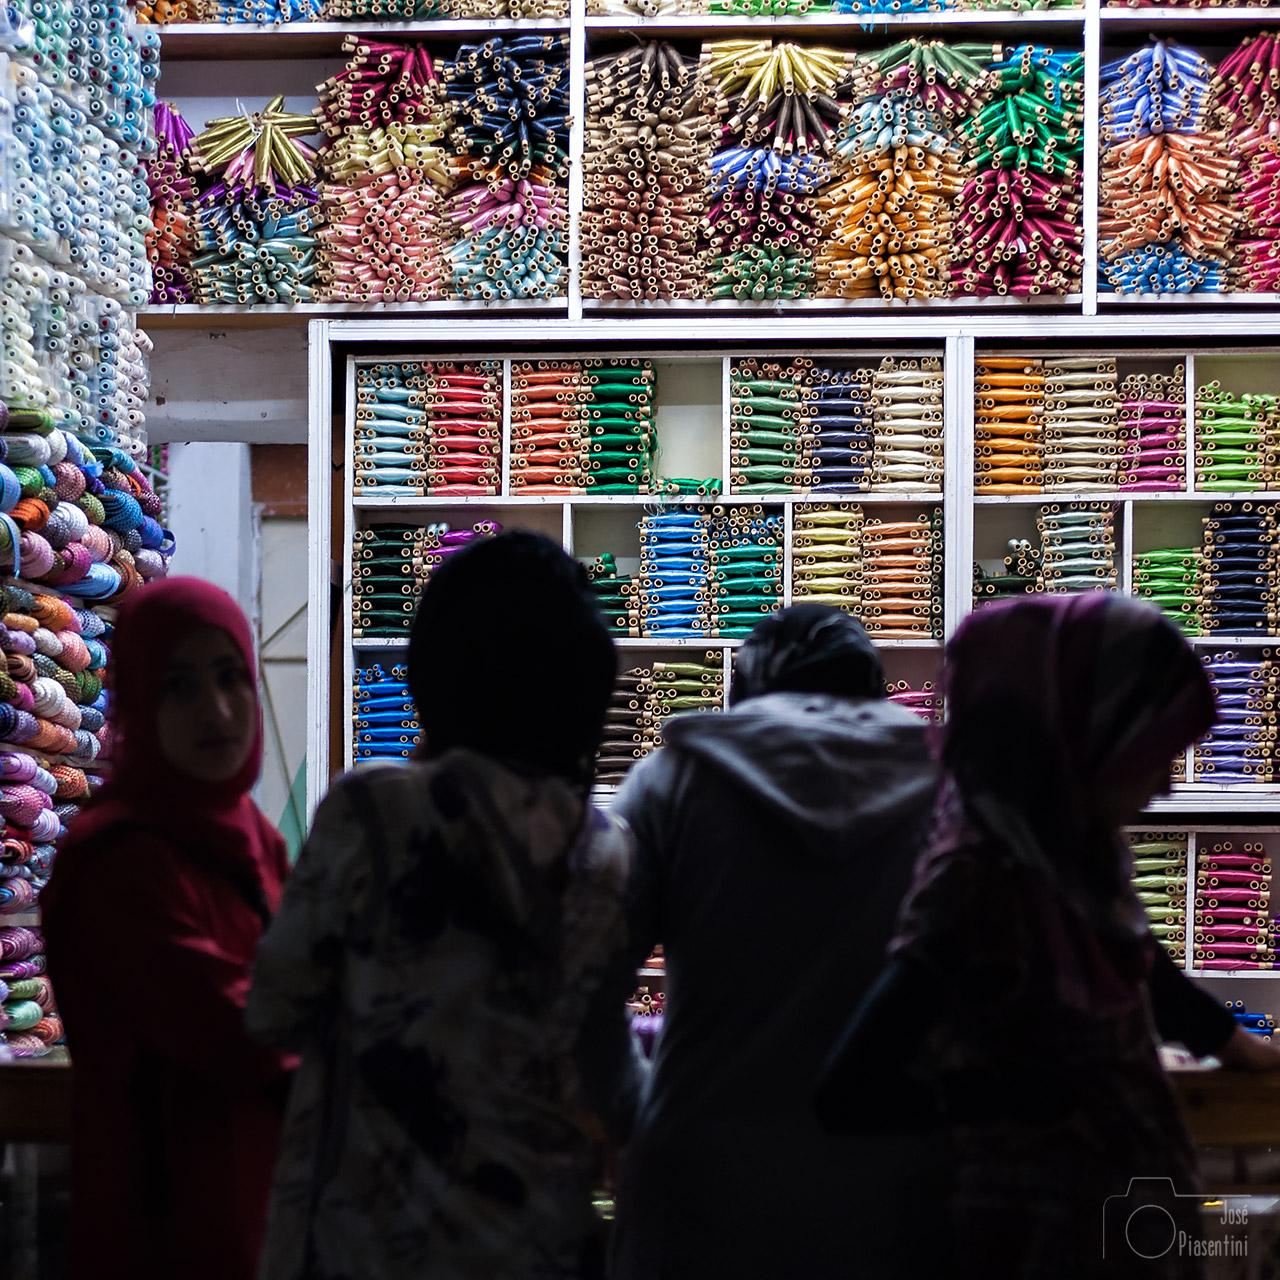 El Mercado de Rissani al sur de Marruecos